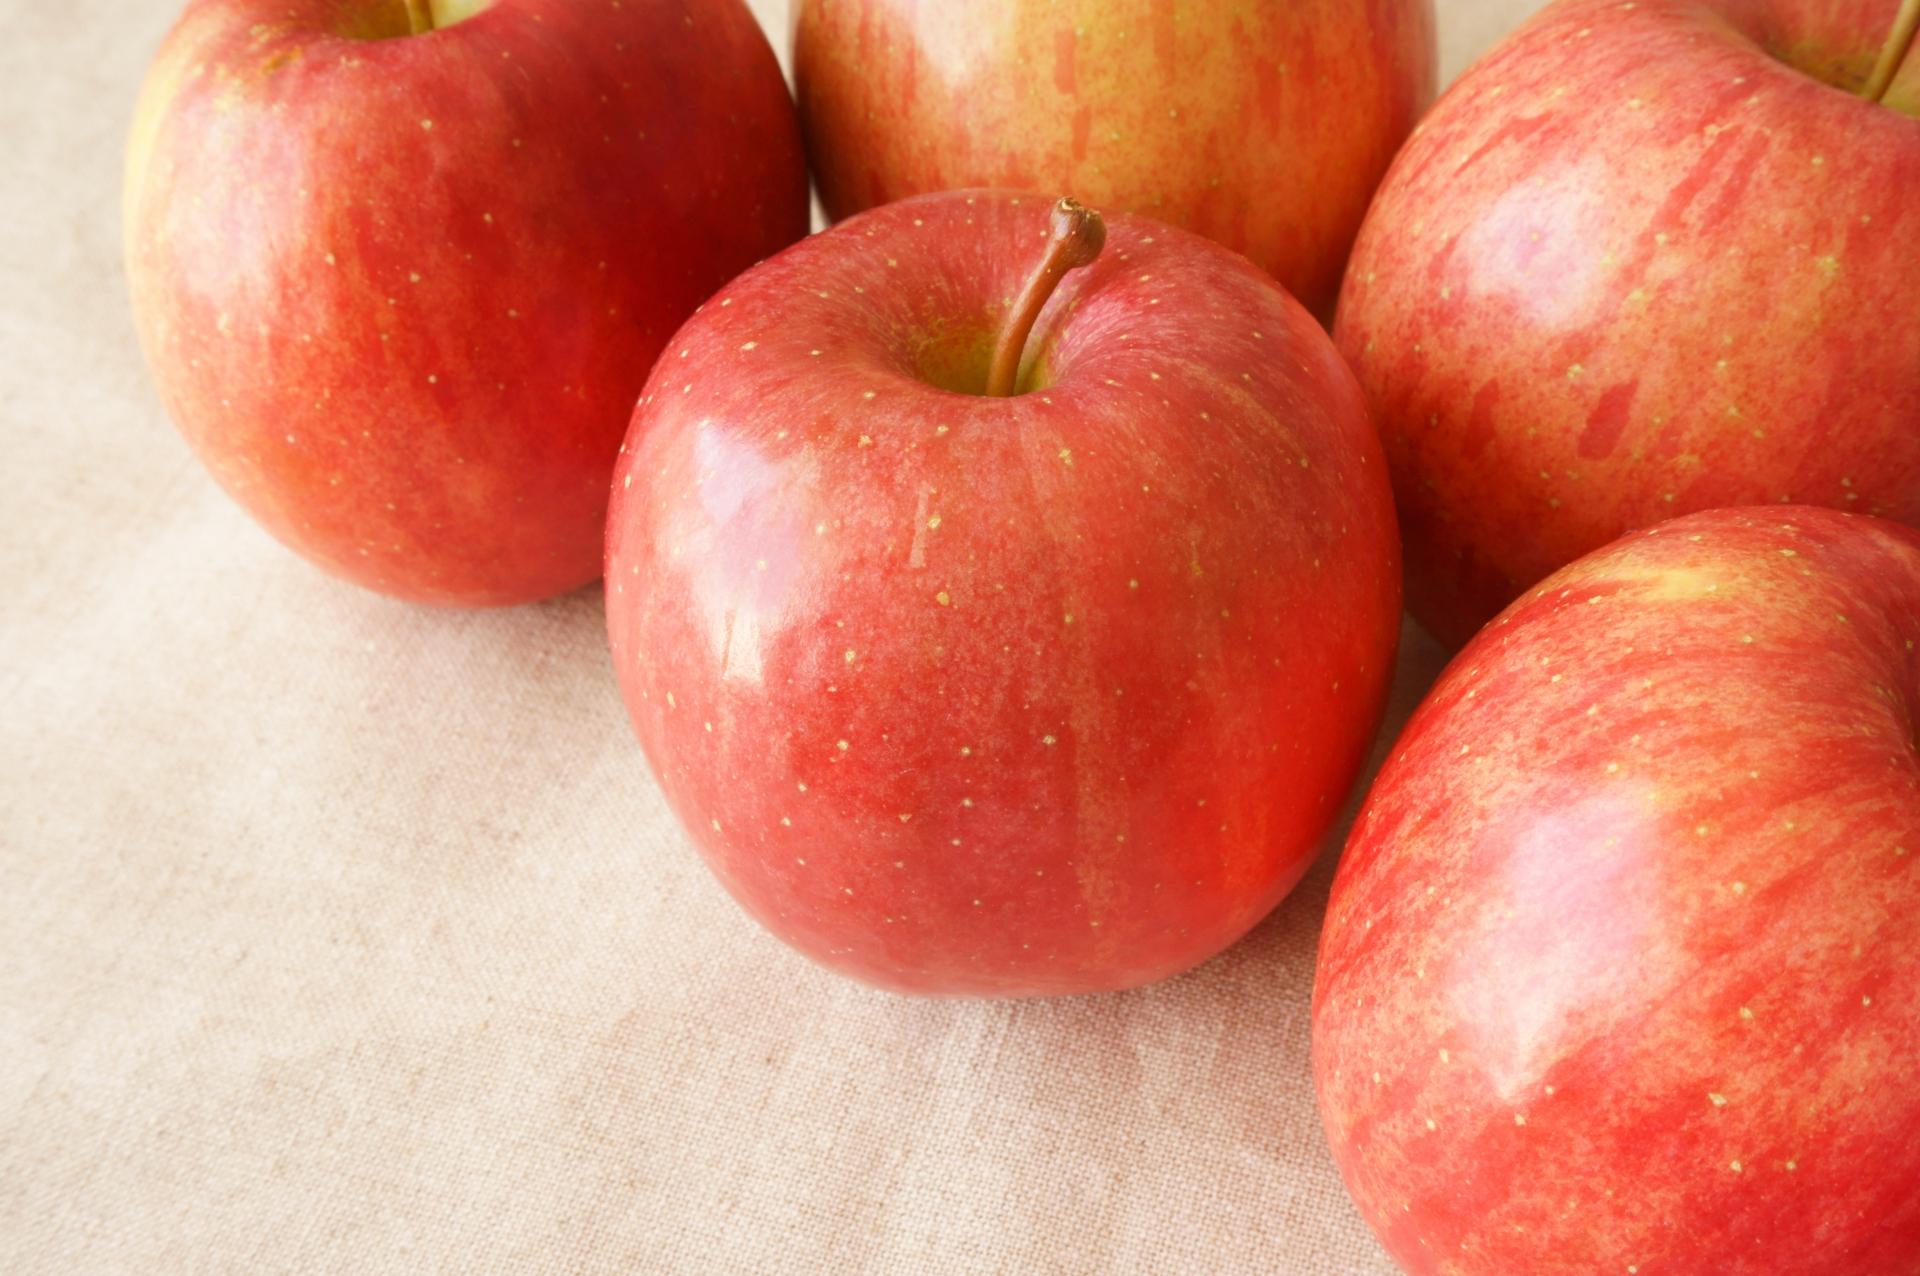 数個のリンゴ